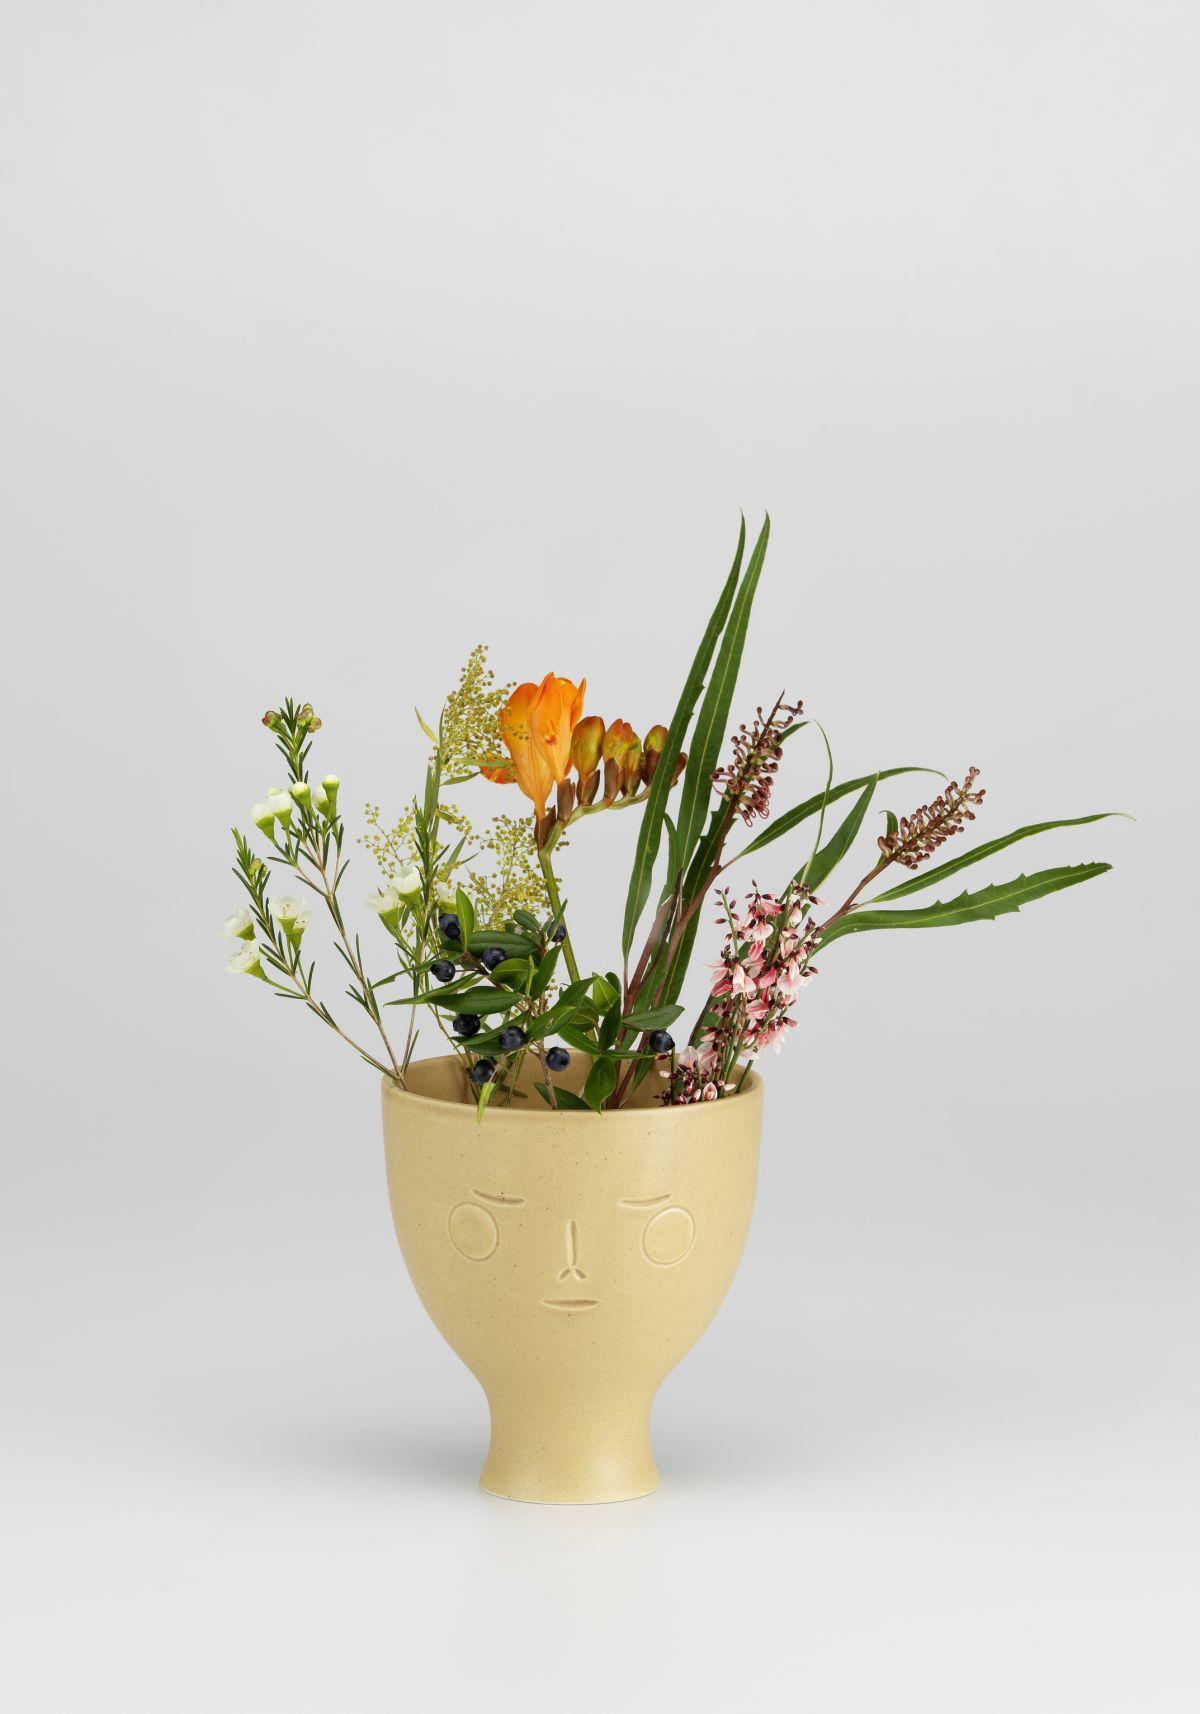 Secrets-of-Finland-Midsummer-dream-vase-2657956